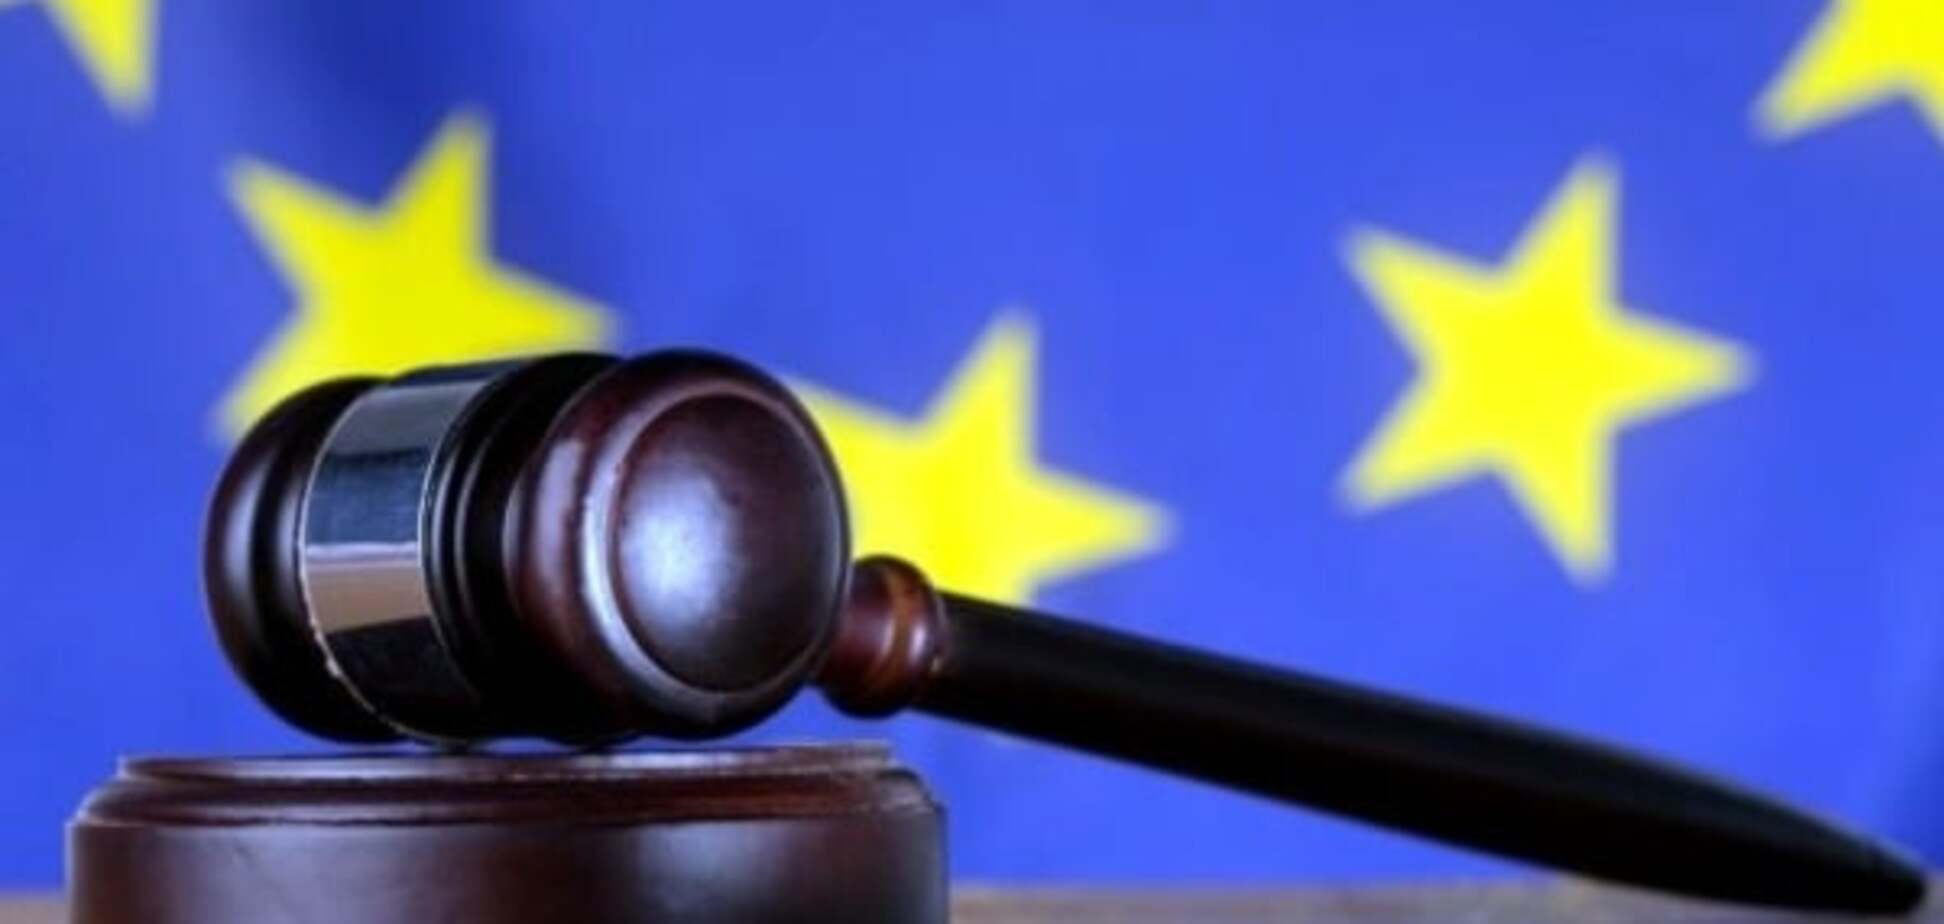 Резонансное дело: адвокаты намерены защищать права Кобалева в ЕСПЧ